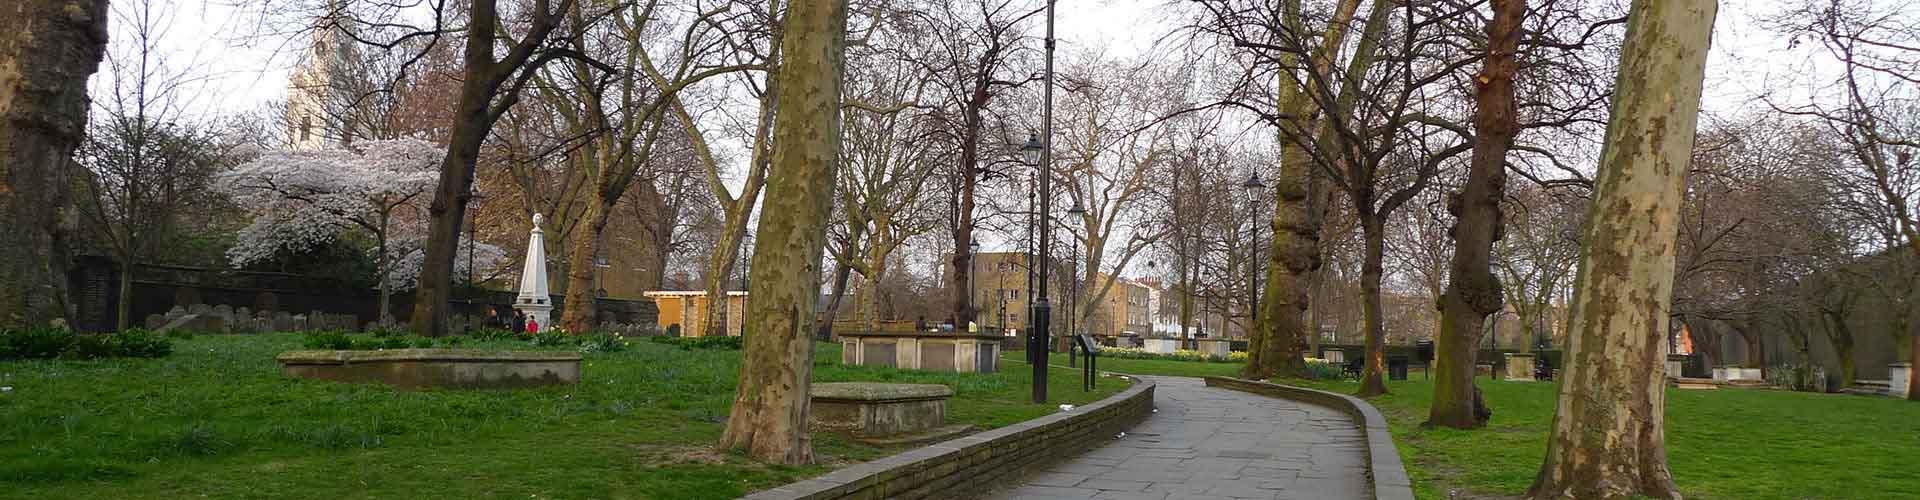 런던 - Borough of Hackney지역에 위치한 호텔. 런던의 지도, 런던에 위치한 호텔에 대한 사진 및 리뷰.